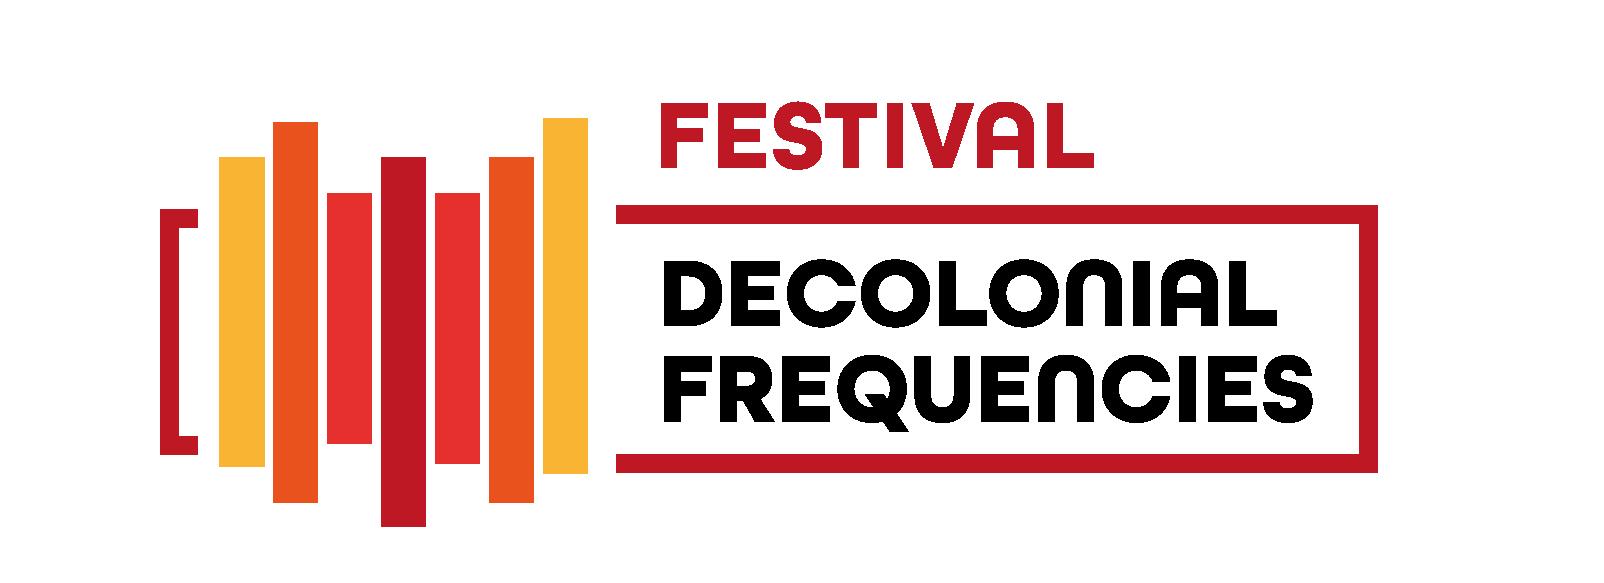 https://ballhausnaunynstrasse.de/wp-content/uploads/2021/09/Logo-DF-e1631711828525.png